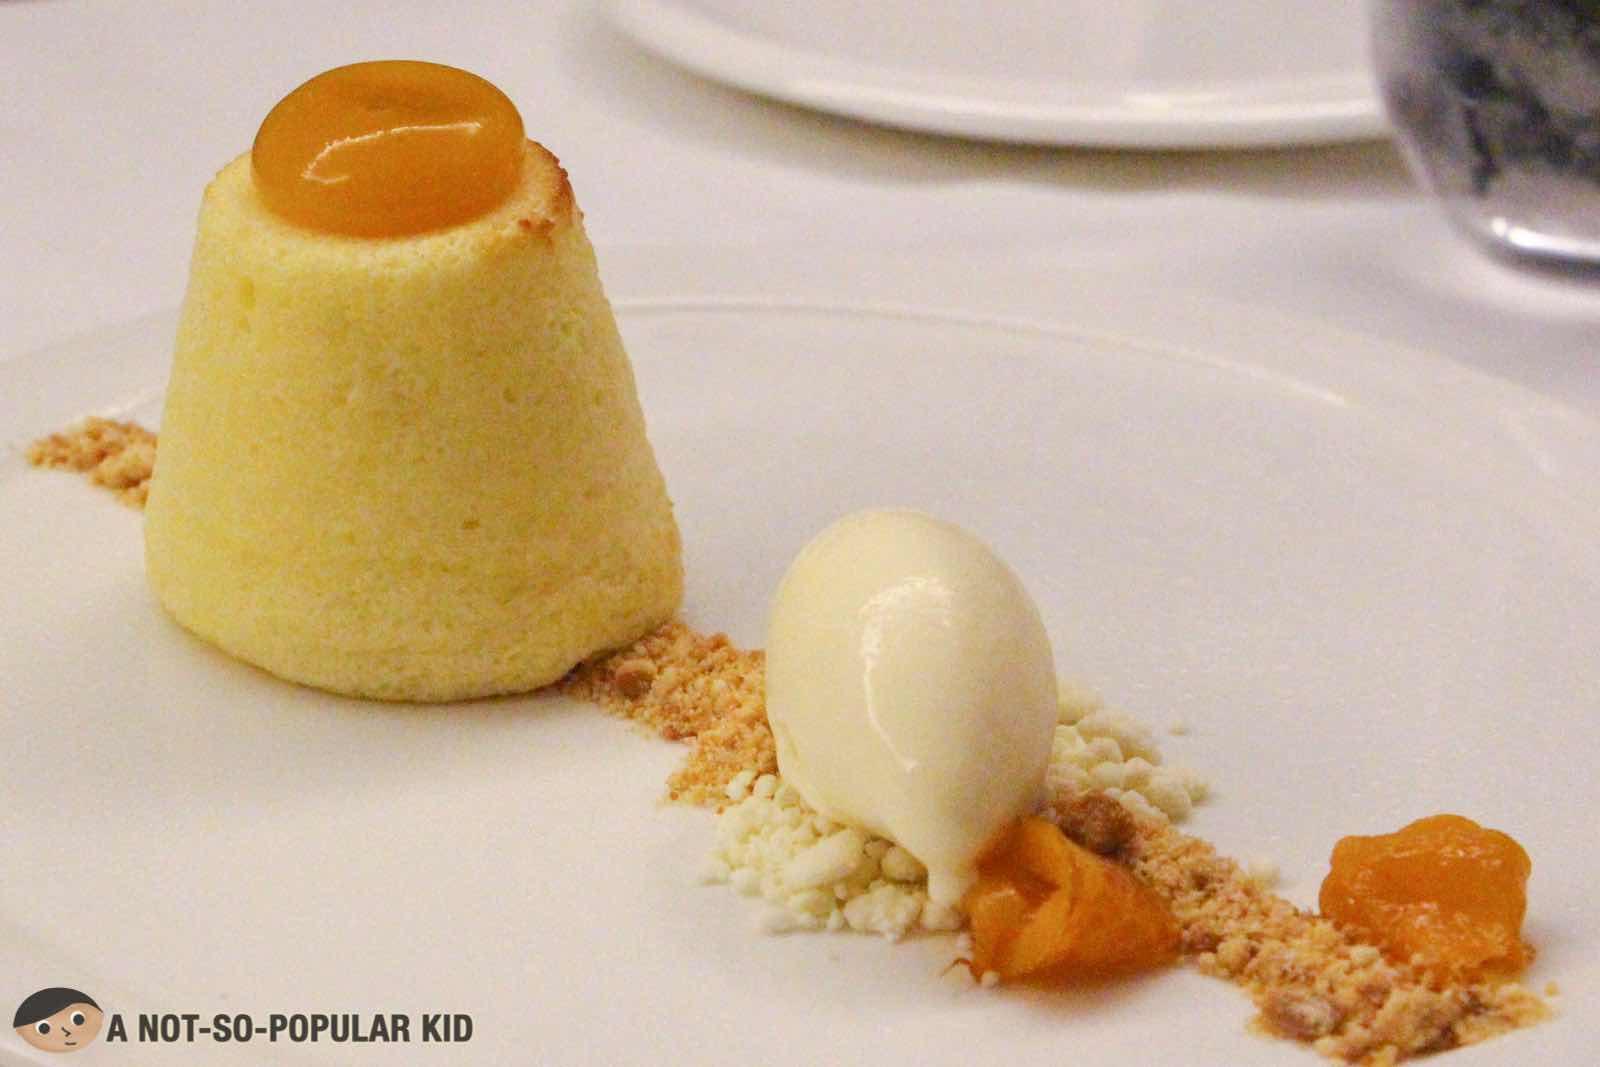 Lemon Curd Dessert of FOO'D by Davide Oldani